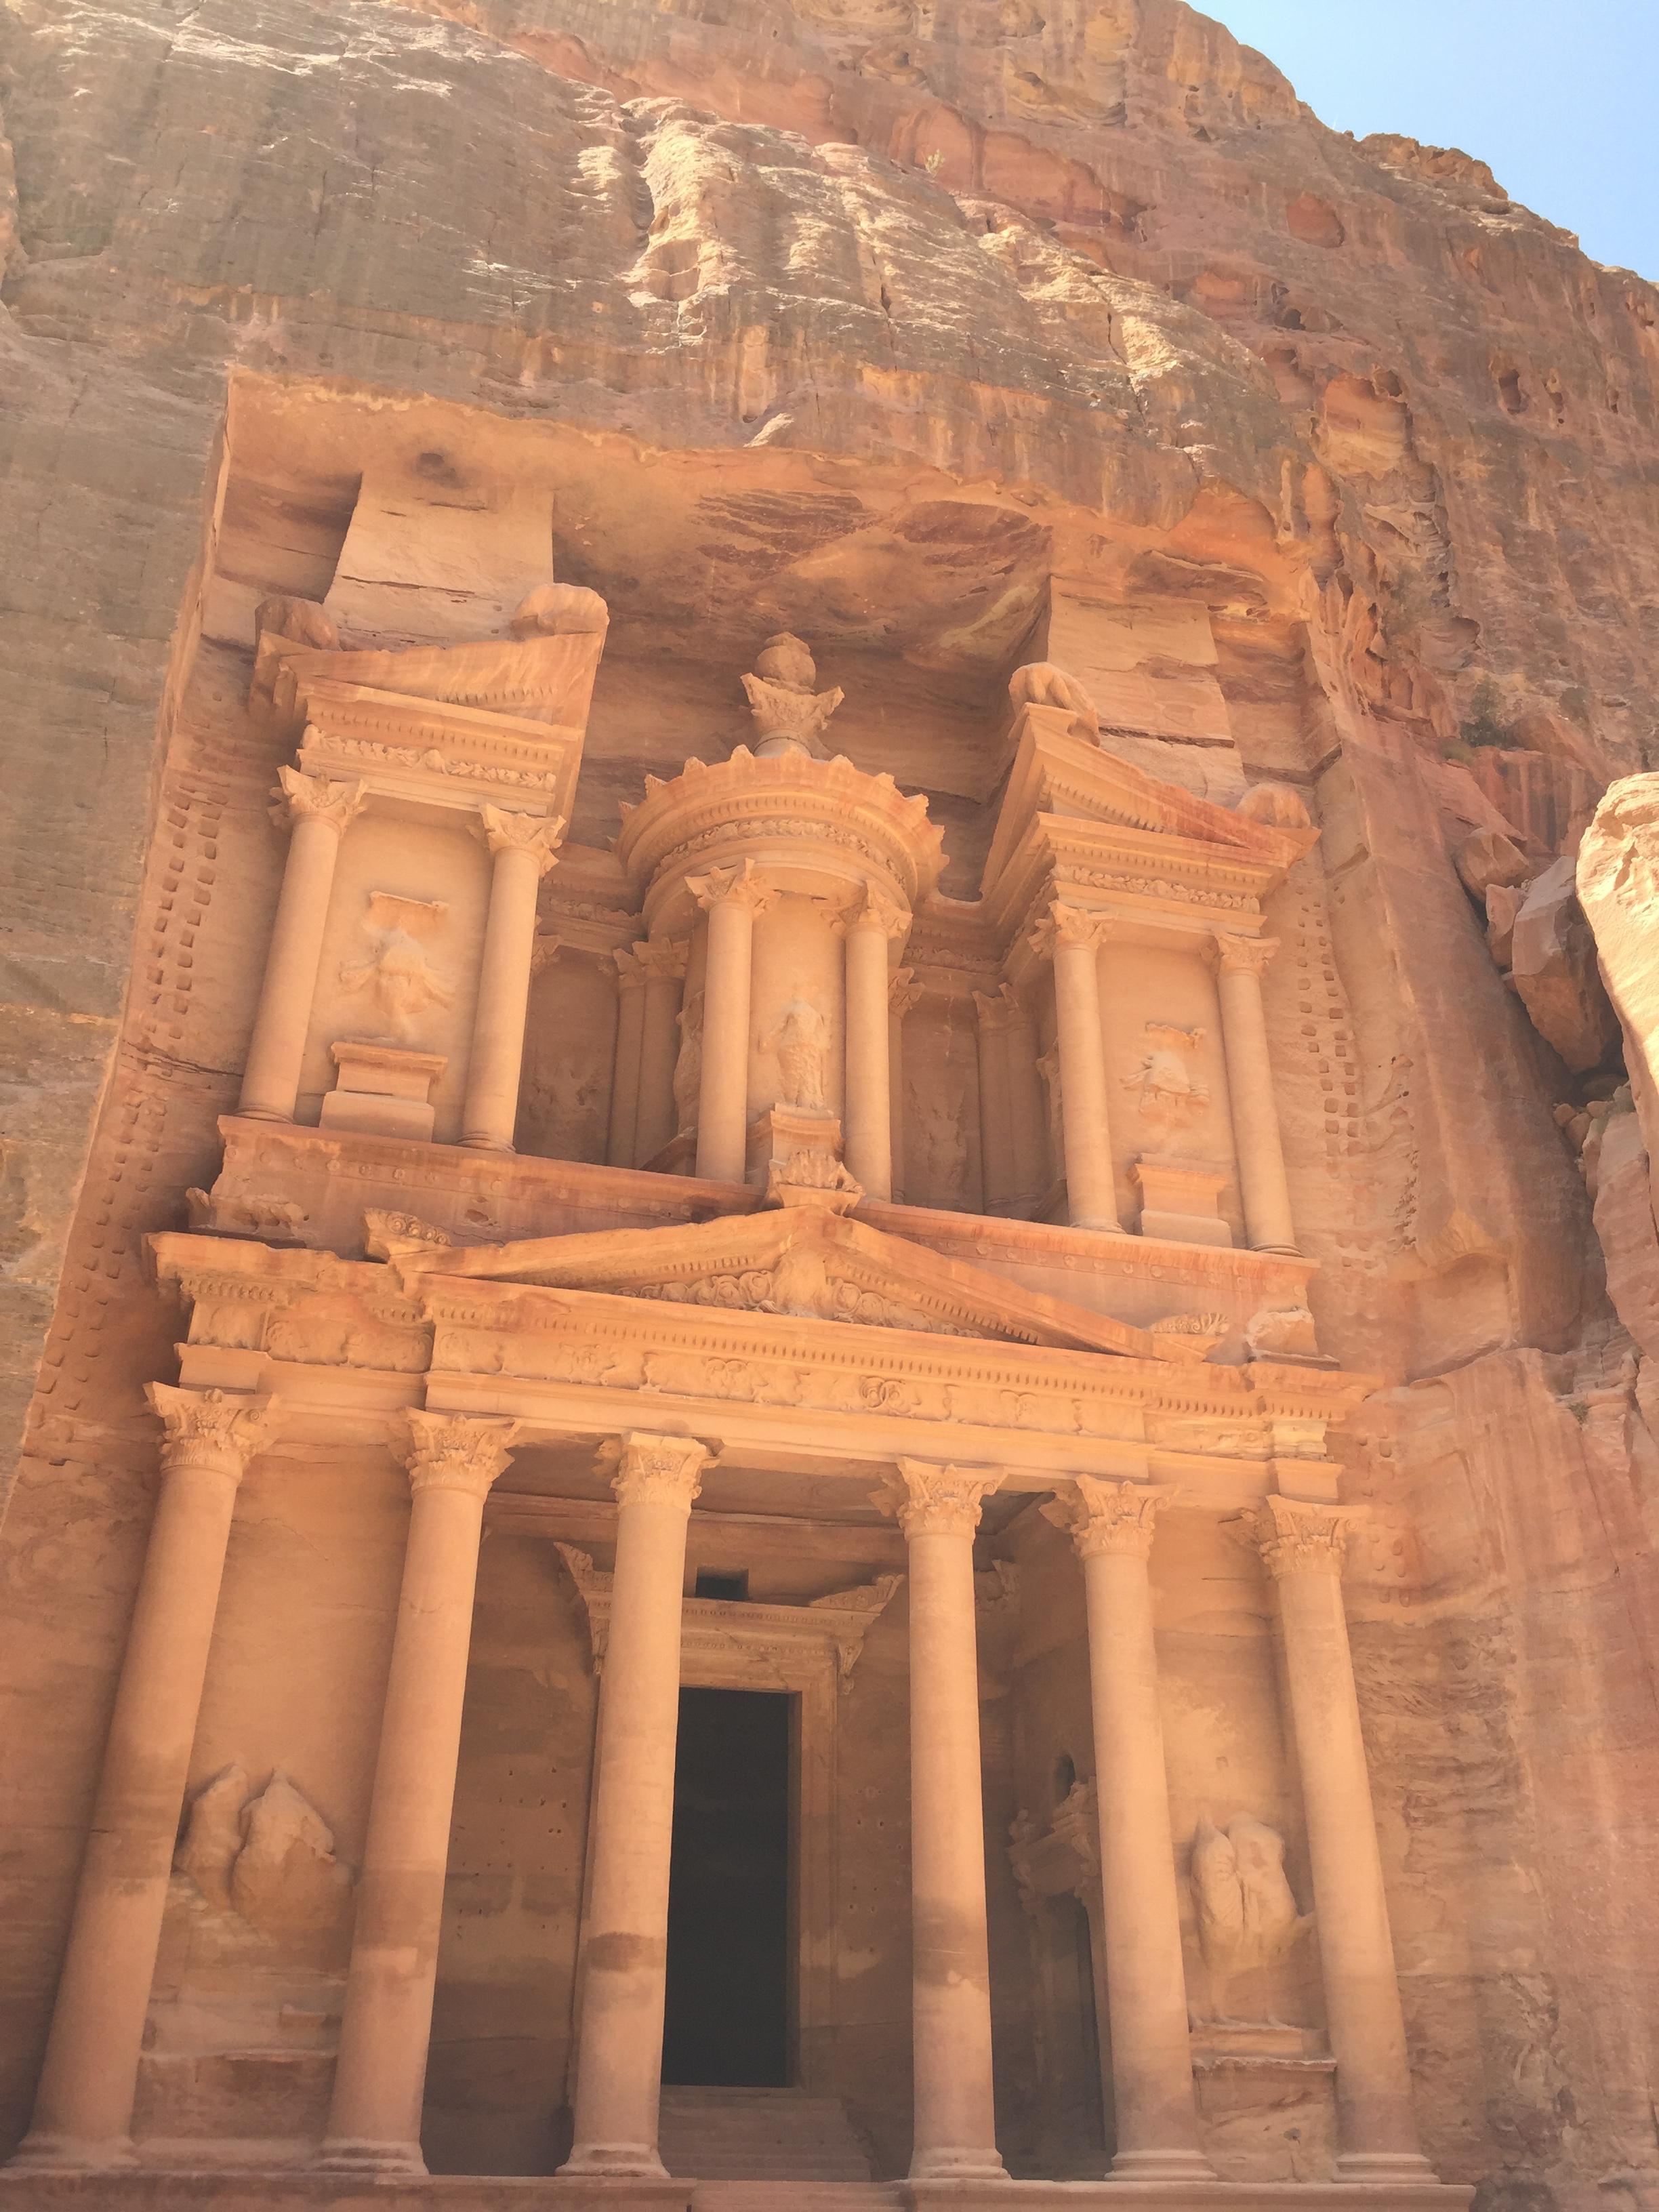 Al Khazneh, The Treasury